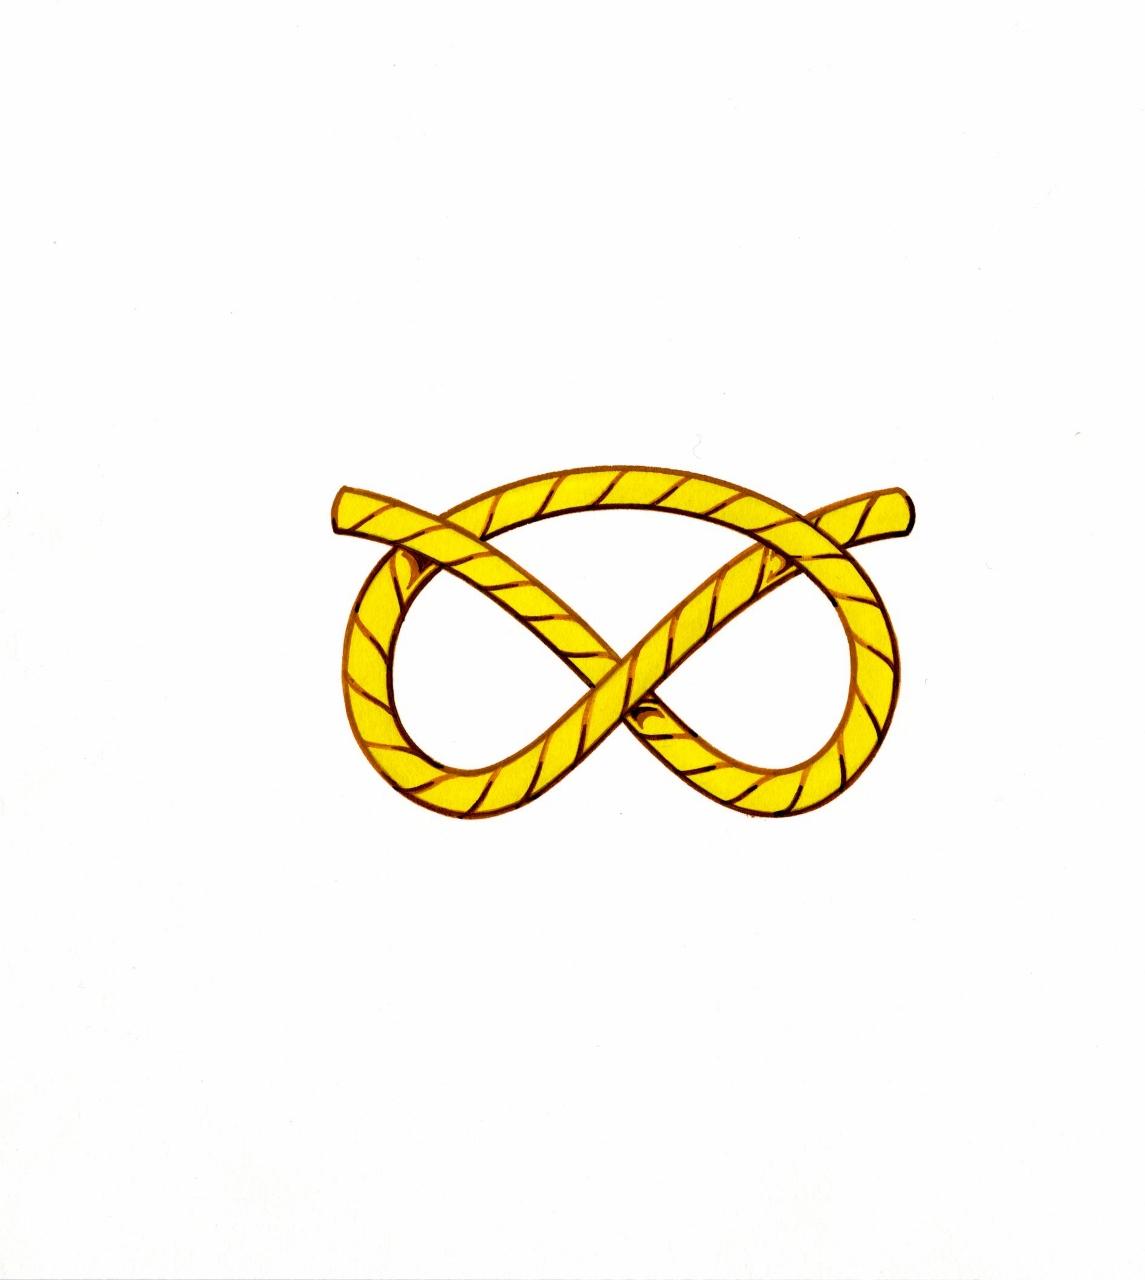 Stafford_Knot_-_2__1145x1280_